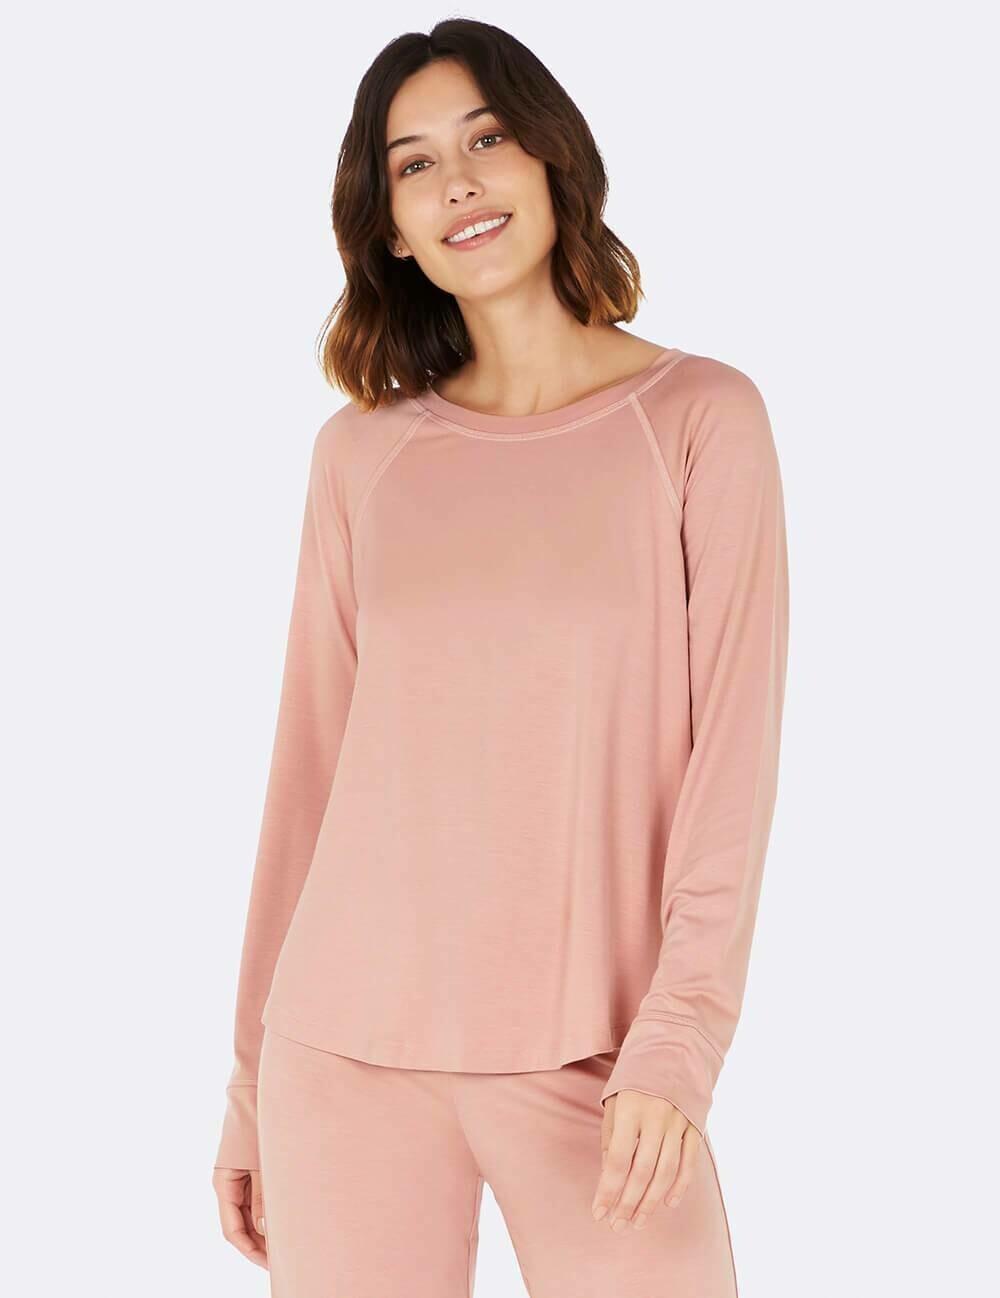 Boody Dusty Pink Raglan Sleep Top XL